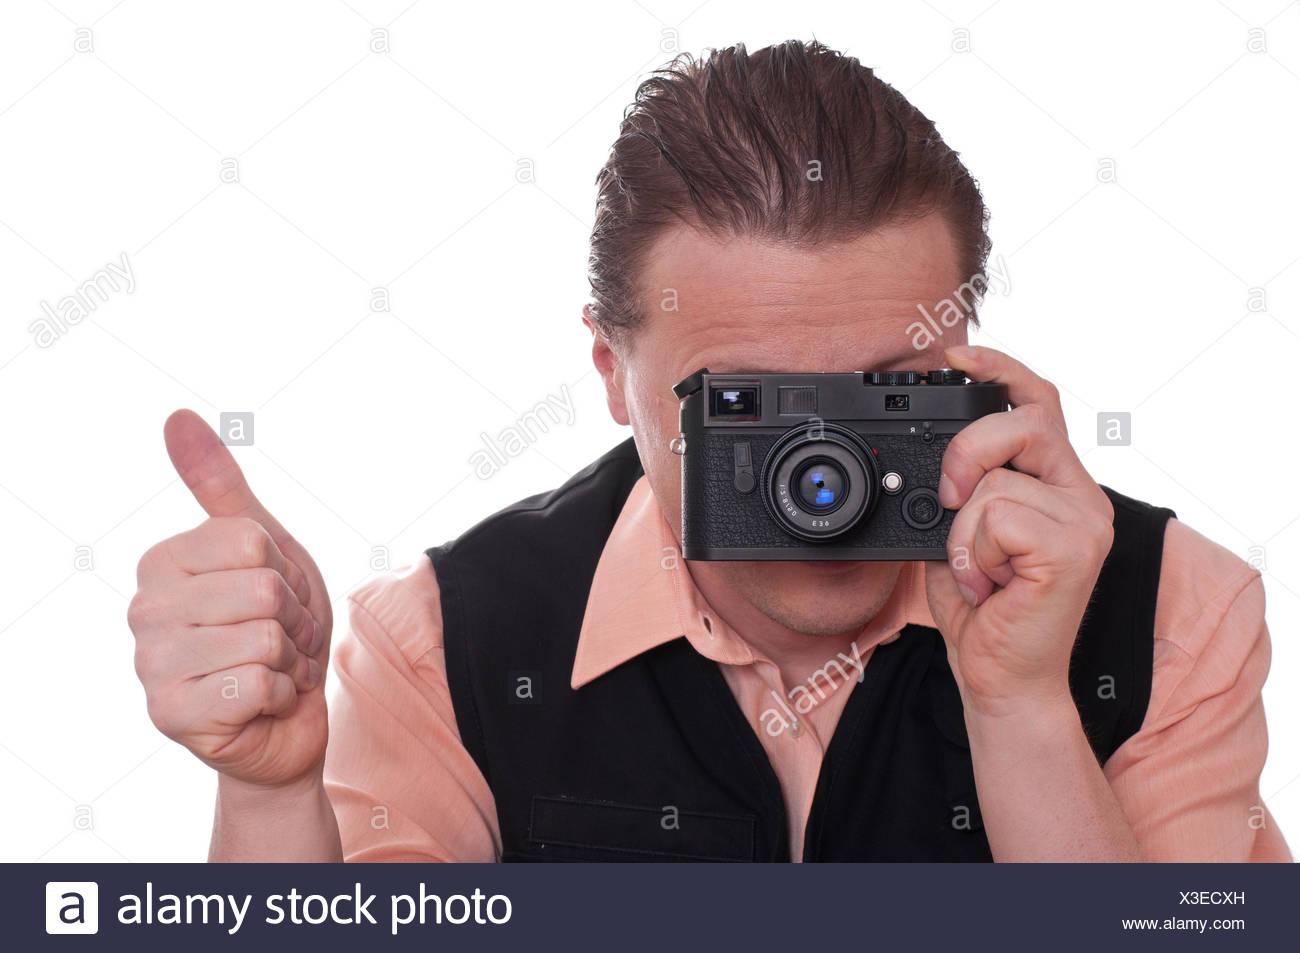 Entfernungsmesser Für Fotografie : Ok optional foto kamera fotograf entfernungsmesser mann